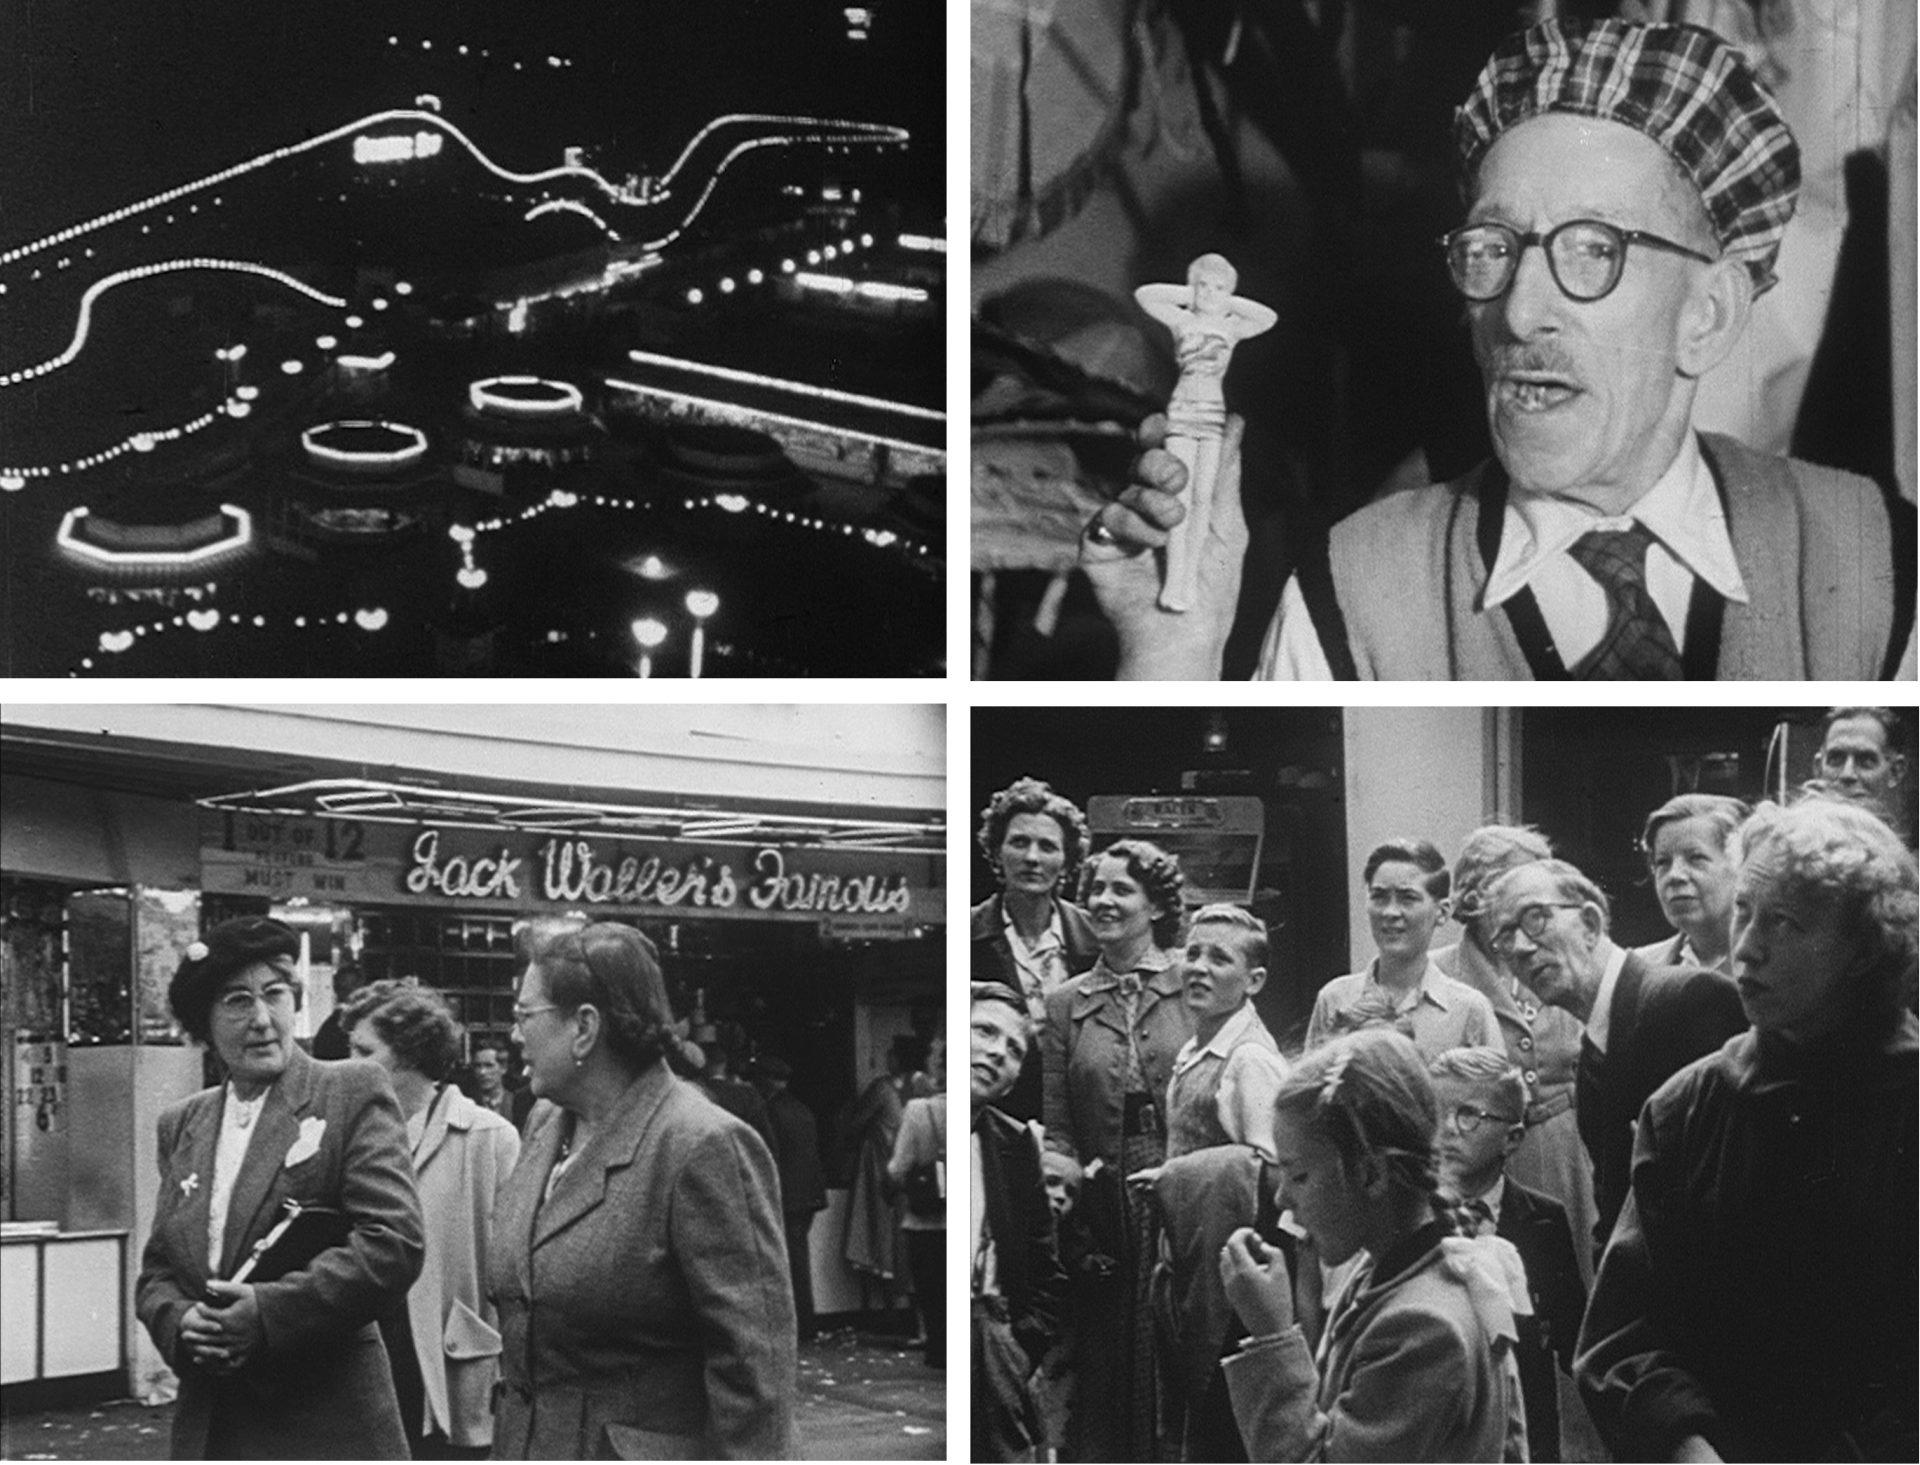 Vier Szenen aus dem Kurzfilm O Dreamland, der in einem englischen Vergnügungspark gedreht wurde; zu sehen sind Beleuchtung bei Nacht, ein Verkäufer mit einer anzüglichen Figur in der Hand sowie interessierte Gäste.